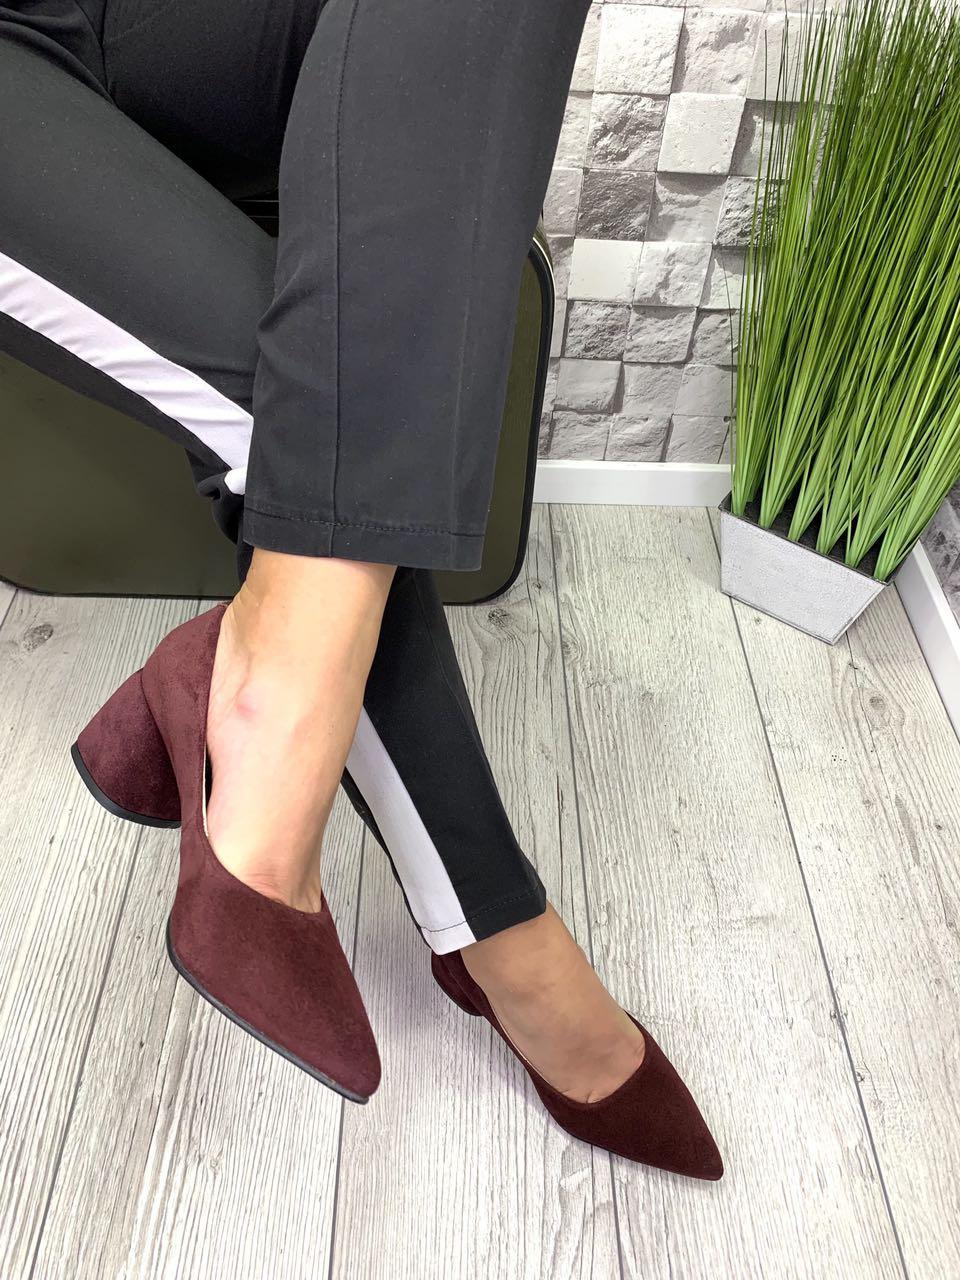 Женские туфли-лодочки из натуральной замши на каблуке бордо